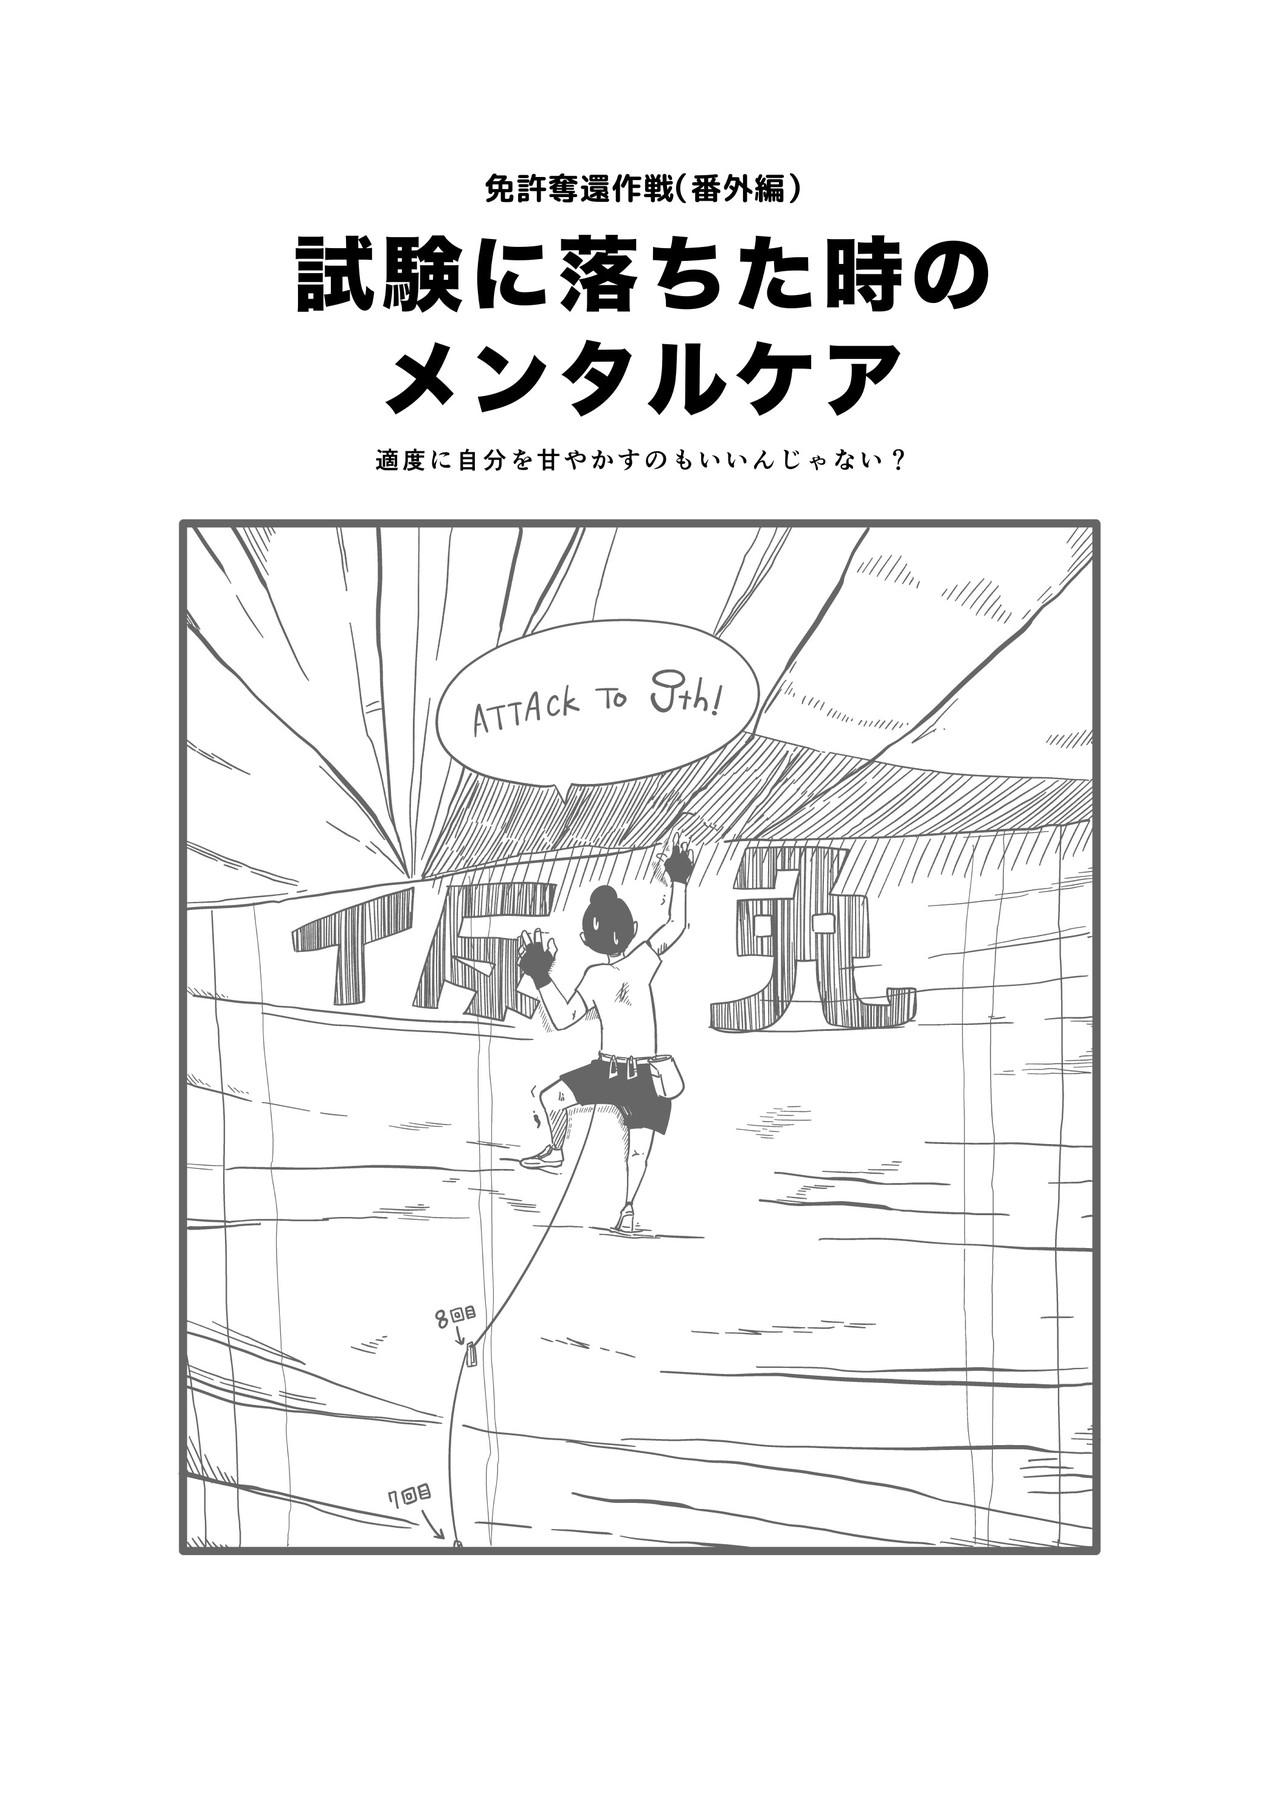 1月27日_日__仮免技能試験9_気持ちの切り替え__010